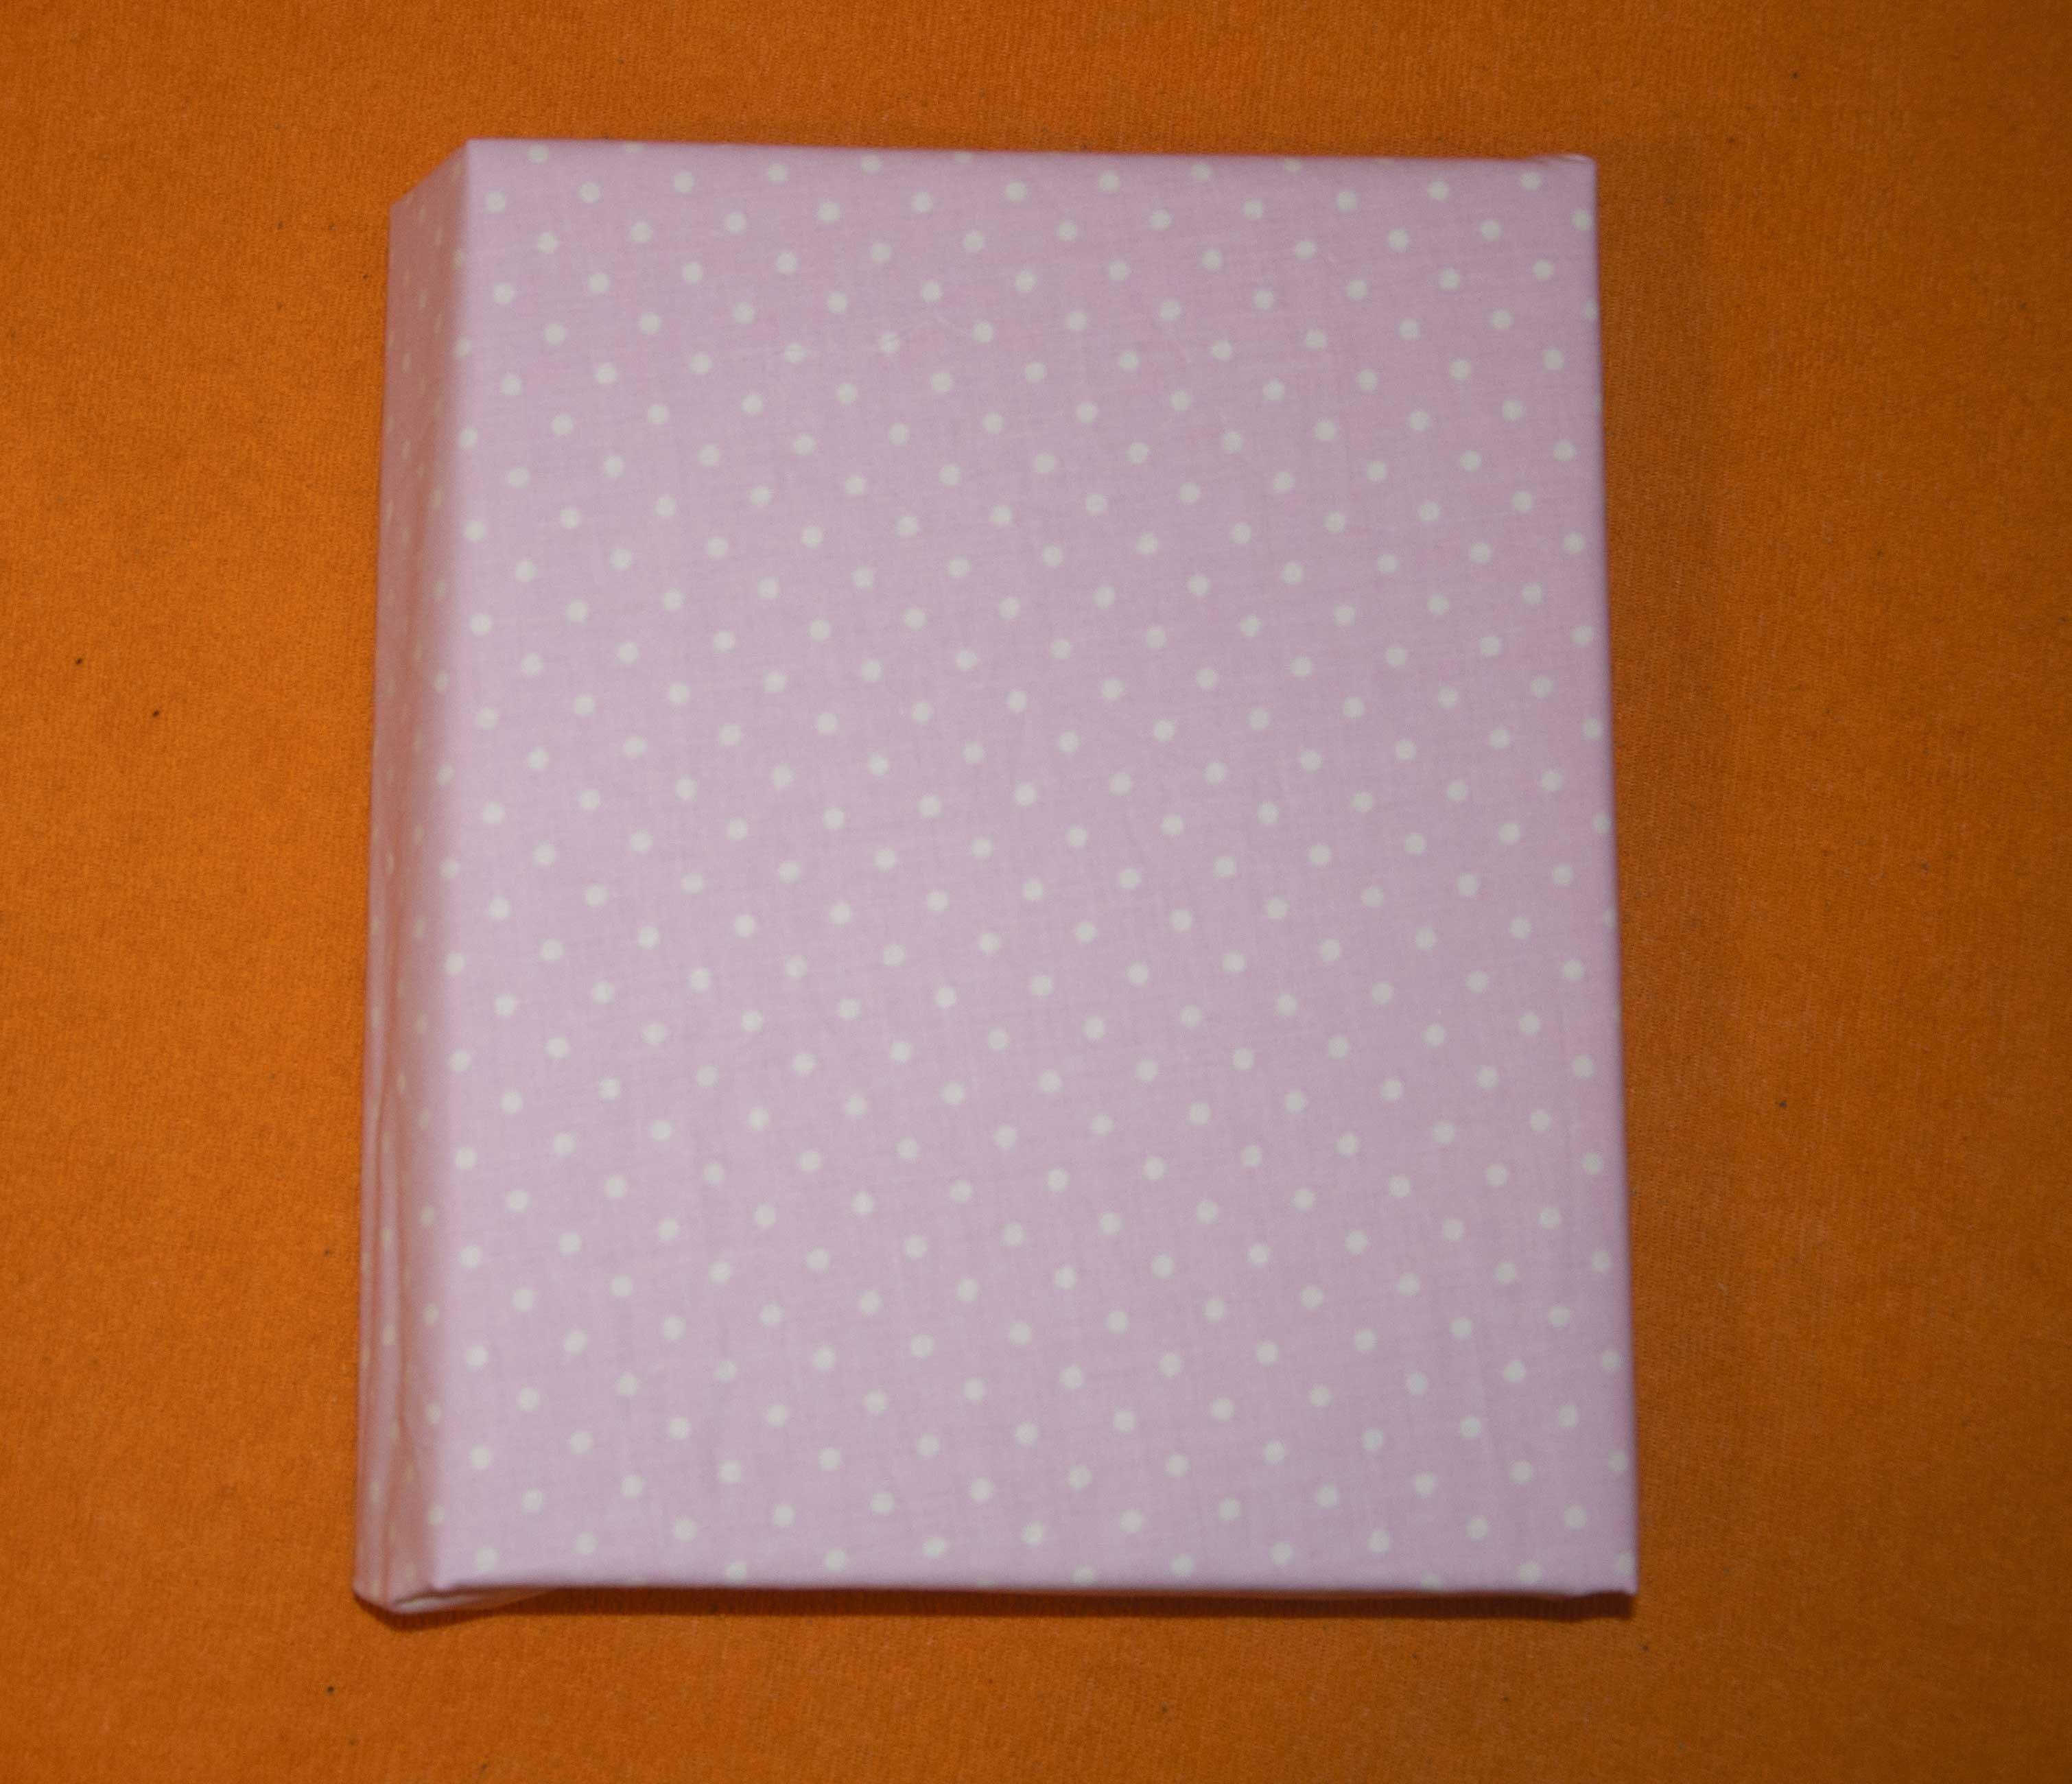 Bavlnìné prostìradlo 120x60 cm rùžové s bílými vìtšími puntíky - zvìtšit obrázek